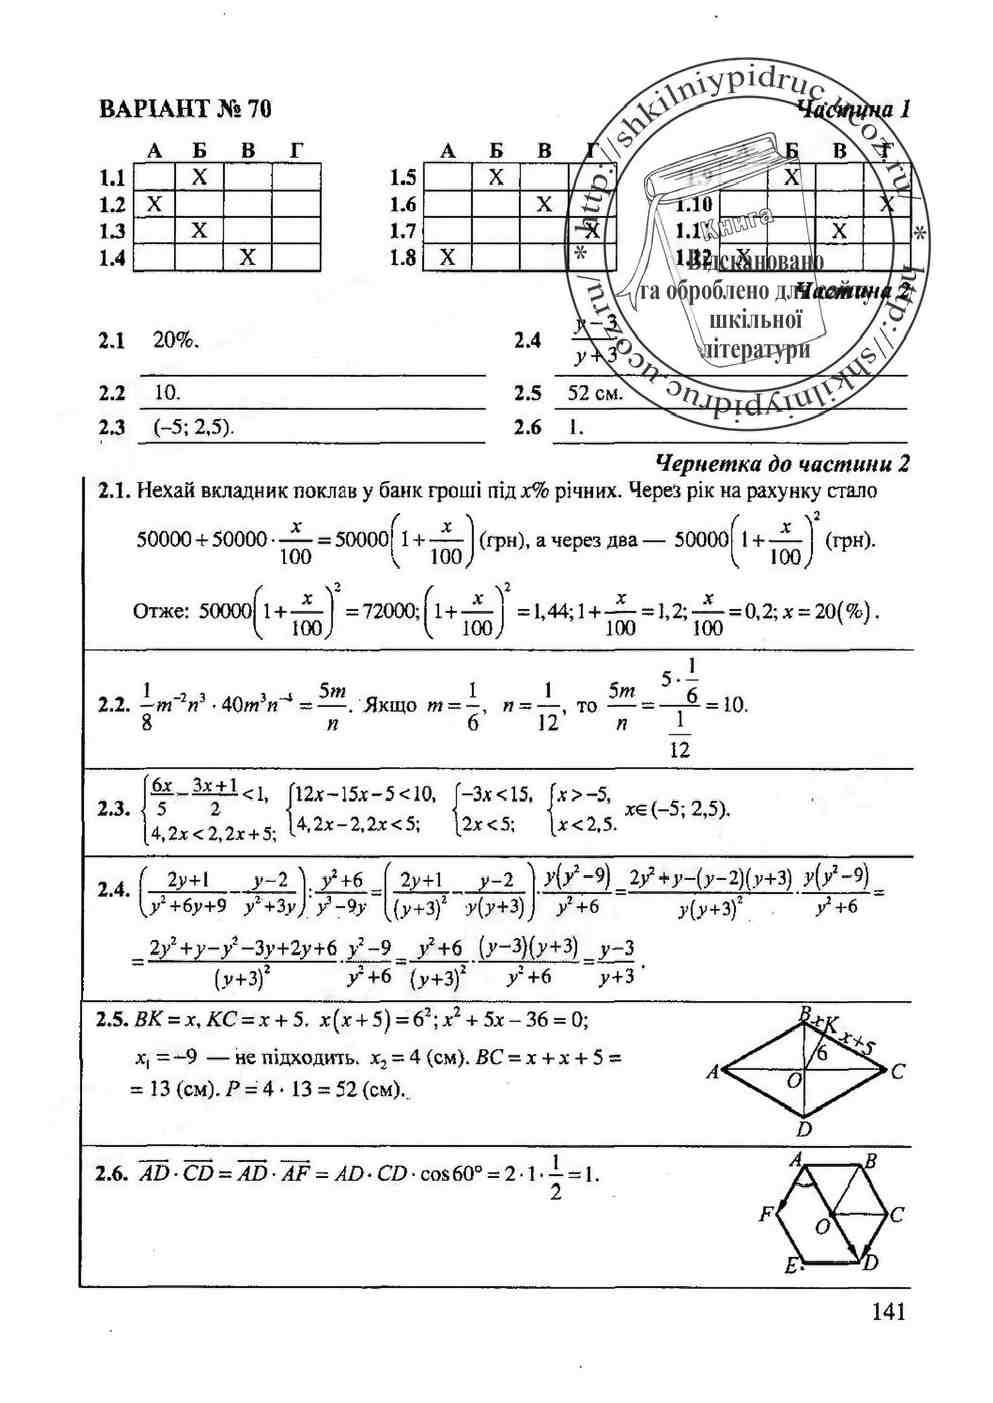 Скачать решебник по дпа по математике 9 класс